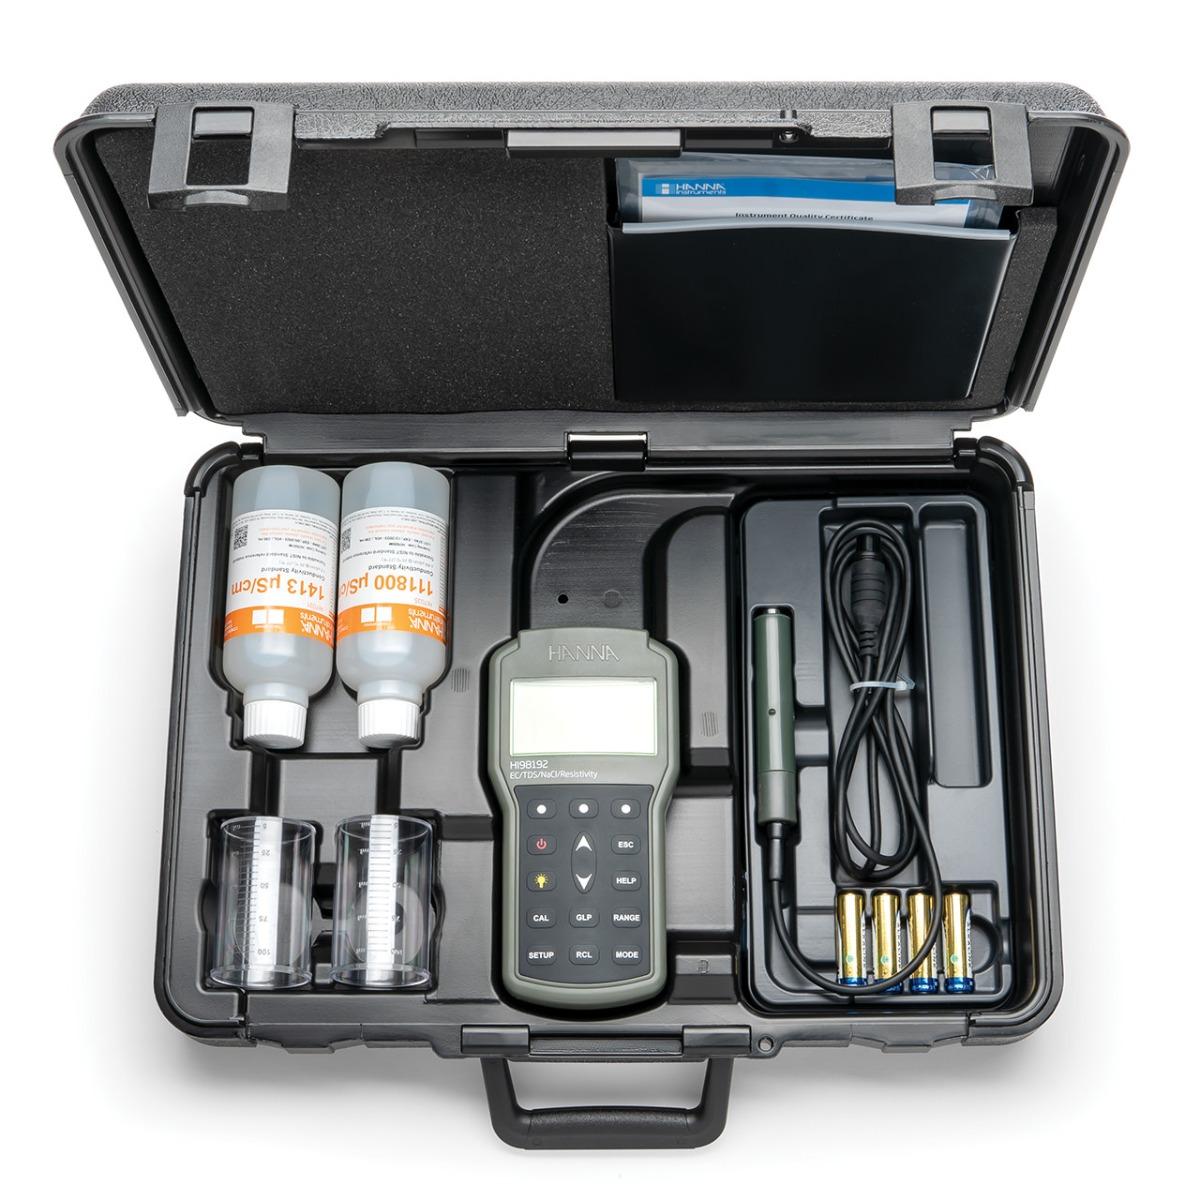 HI98192 - Misuratore portatile di EC/TDS/Resistività/Salinità/Temperatura